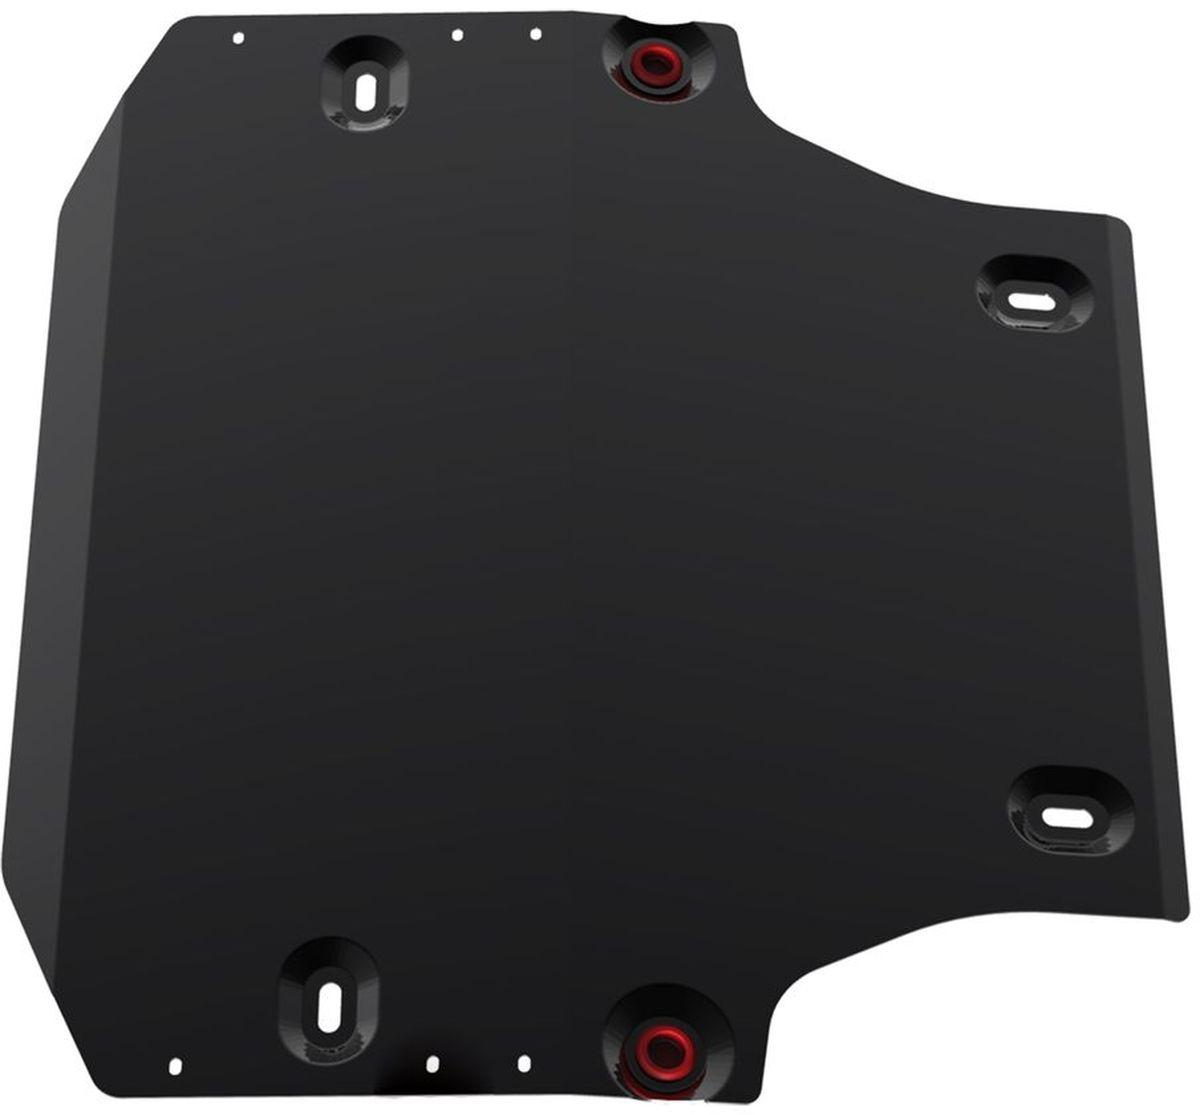 Защита картера и КПП Автоброня, для Mercedes-Benz Sprinter/Volkswagen Crafter. 111.05828.11004900000360Технологически совершенный продукт за невысокую стоимость.Защита разработана с учетом особенностей днища автомобиля, что позволяет сохранить дорожный просвет с минимальным изменением.Защита устанавливается в штатные места кузова автомобиля. Глубокий штамп обеспечивает до двух раз больше жесткости в сравнении с обычной защитой той же толщины. Проштампованные ребра жесткости препятствуют деформации защиты при ударах.Тепловой зазор и вентиляционные отверстия обеспечивают сохранение температурного режима двигателя в норме. Скрытый крепеж предотвращает срыв крепежных элементов при наезде на препятствие.Шумопоглощающие резиновые элементы обеспечивают комфортную езду без вибраций и скрежета металла, а съемные лючки для слива масла и замены фильтра - экономию средств и время.Конструкция изделия не влияет на пассивную безопасность автомобиля (при ударе защита не воздействует на деформационные зоны кузова). Со штатным крепежом. В комплекте инструкция по установке.Толщина стали: 2 мм.